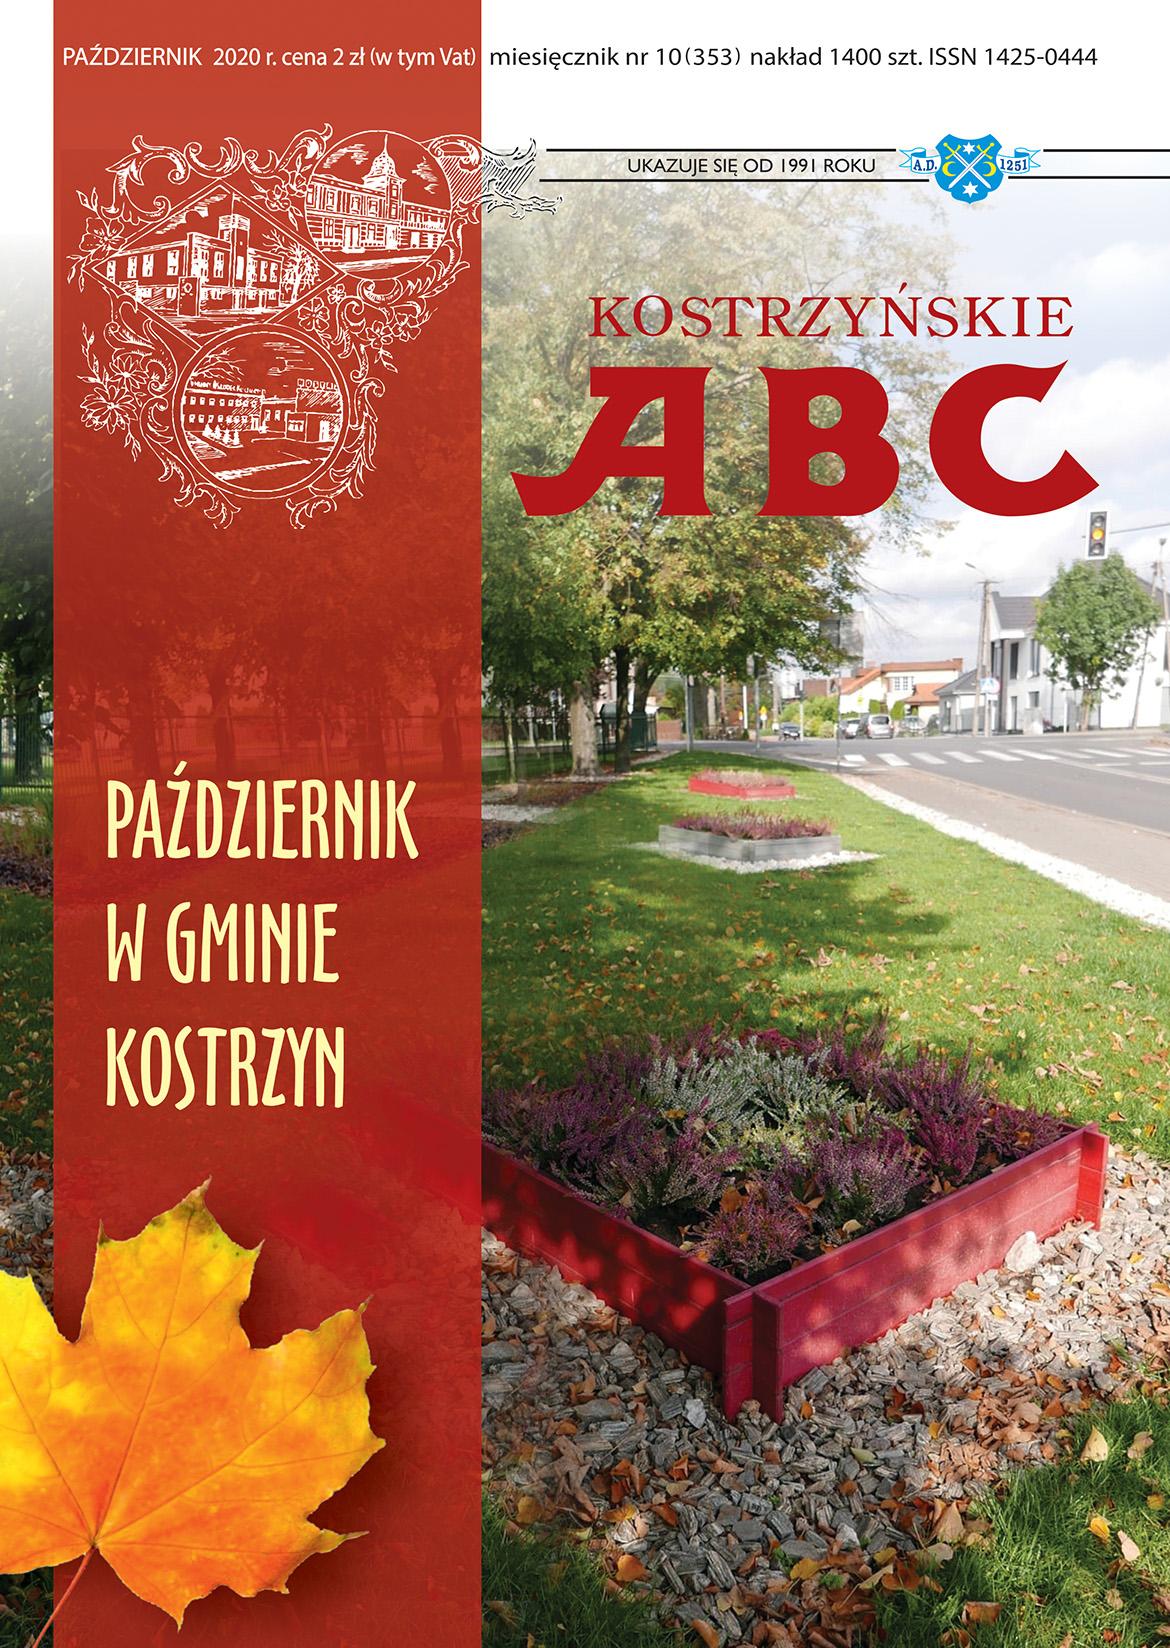 Okładka październikowego numeru przedstawiajaca fragment trawnika przy ul. Piasta i napis Październik w gminie Kostrzyn